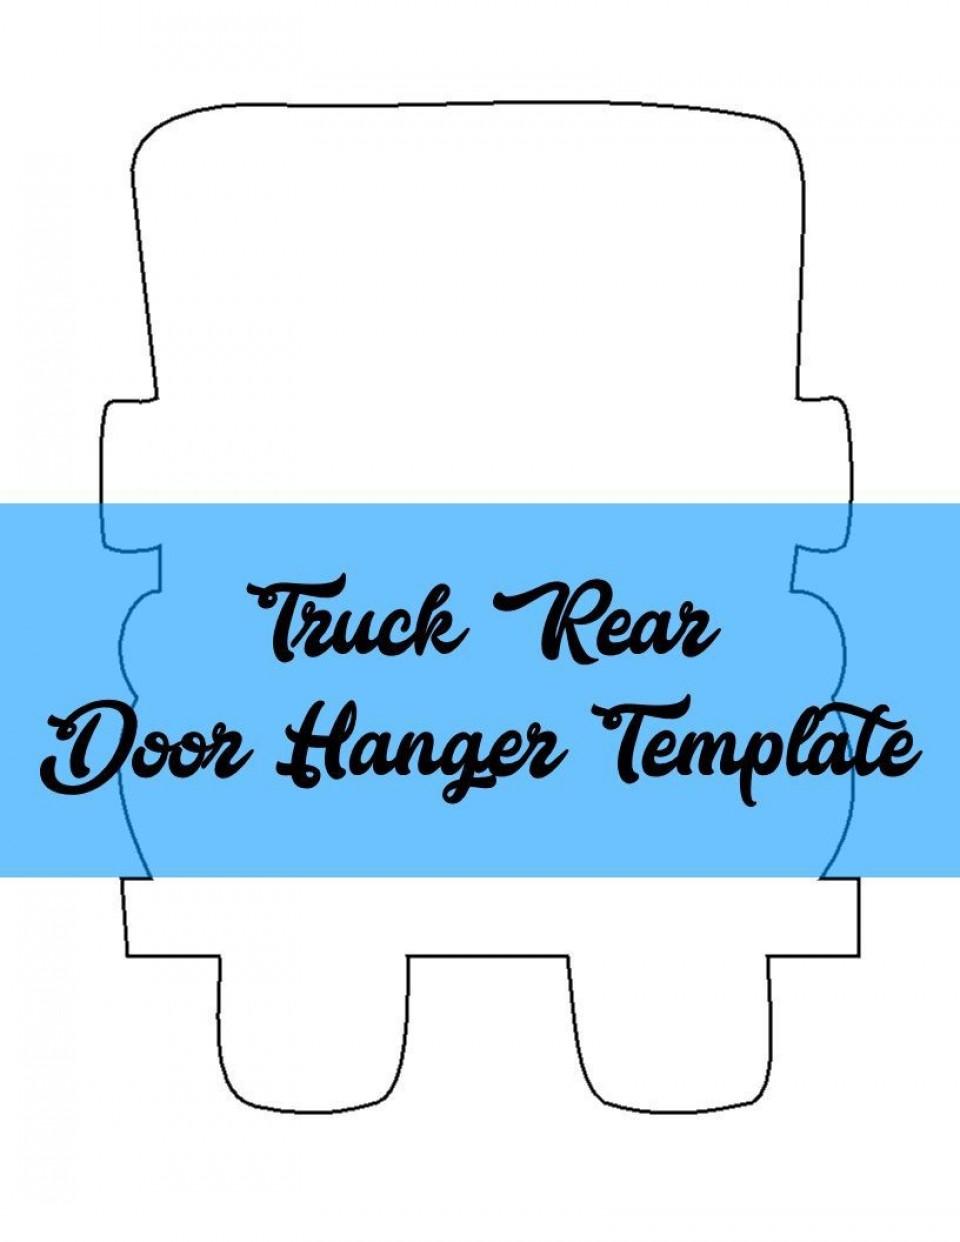 009 Formidable Free Download Door Hanger Template Concept 960